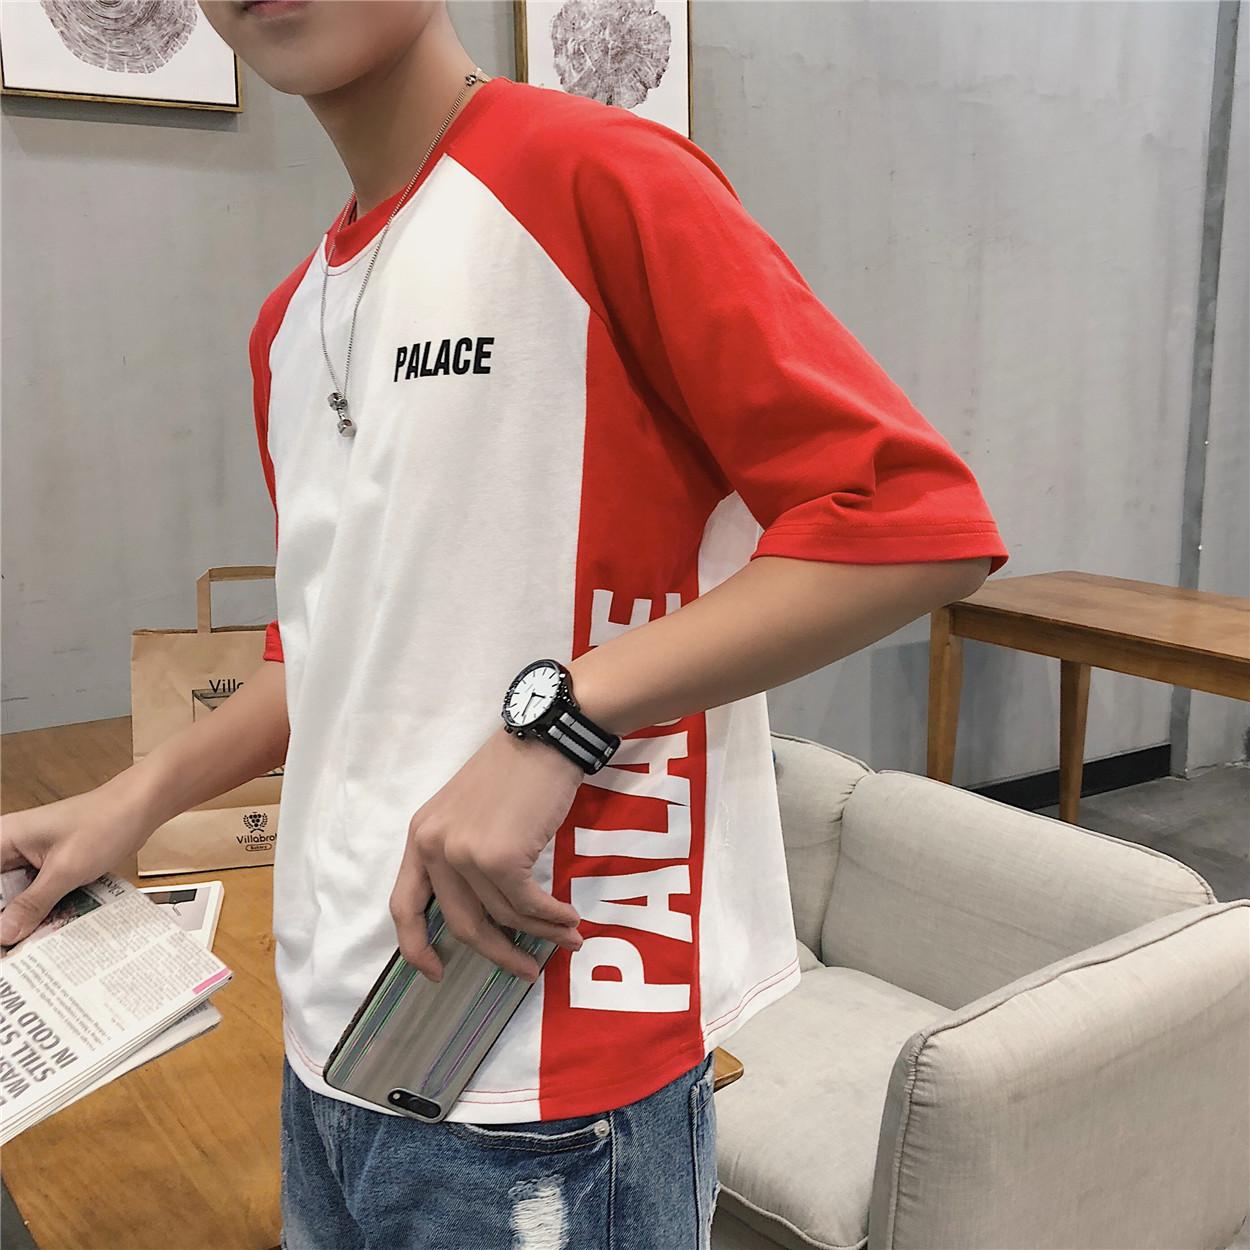 Hồng Kông phong cách văn học xu hướng màu sắc phù hợp với nam ngắn tay T-Shirt vòng cổ mùa hè lỏng lòng từ bi Hàn Quốc in nửa tay quần áo